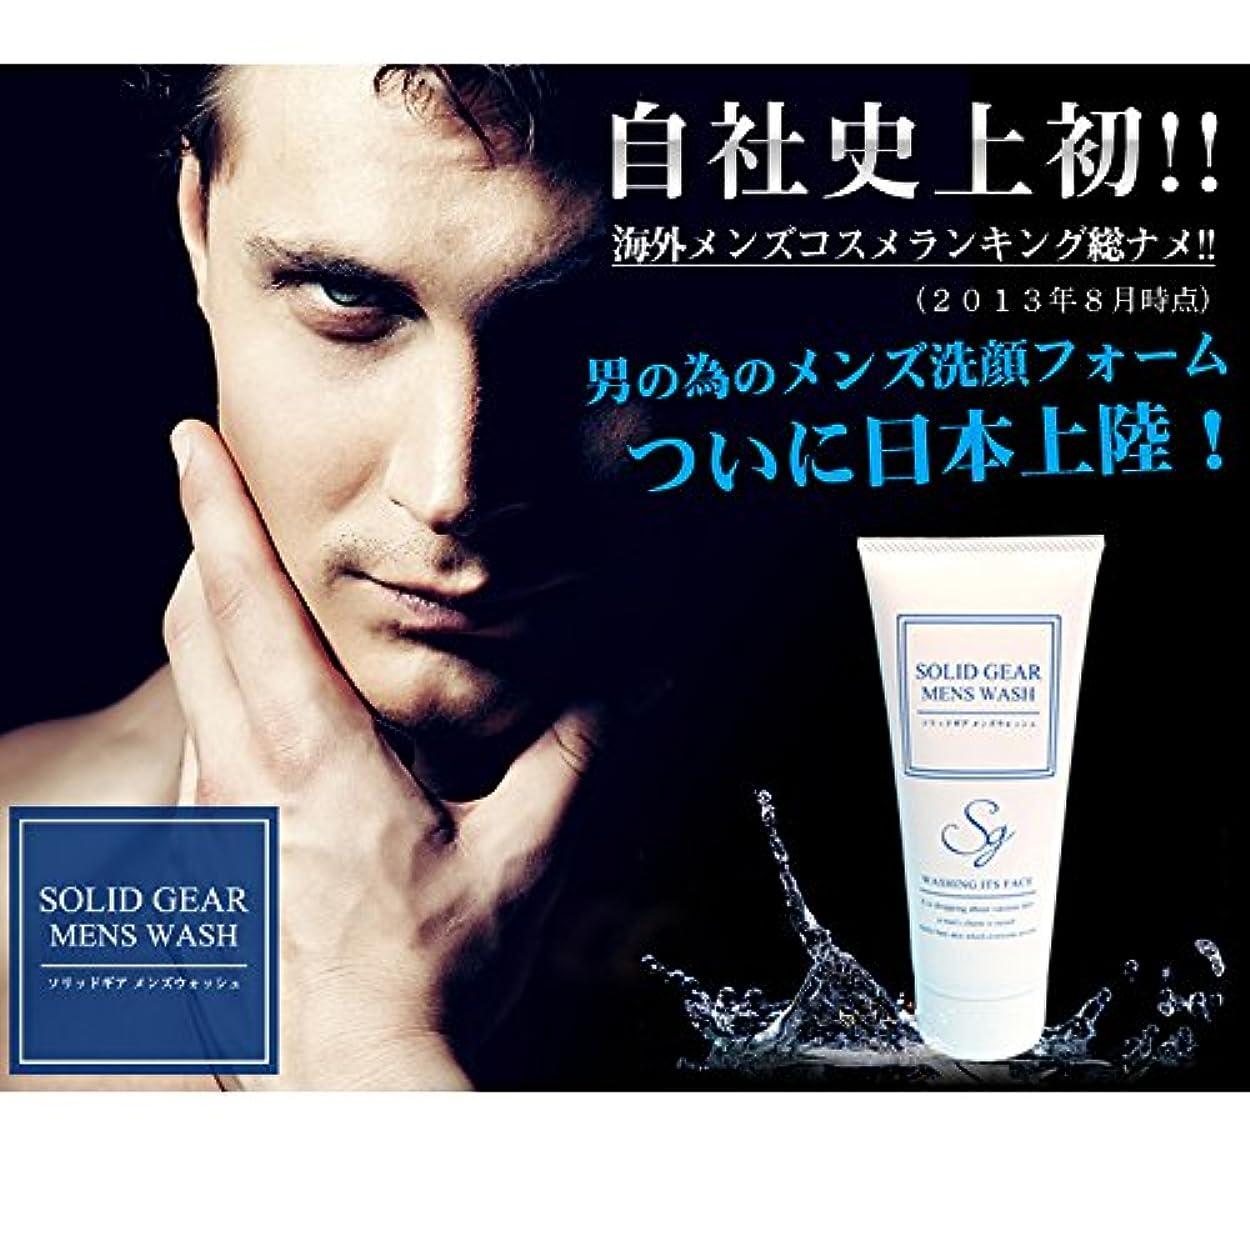 クローゼット温室喉頭男性用洗顔フォーム ソリッドギア メンズウォッシュ